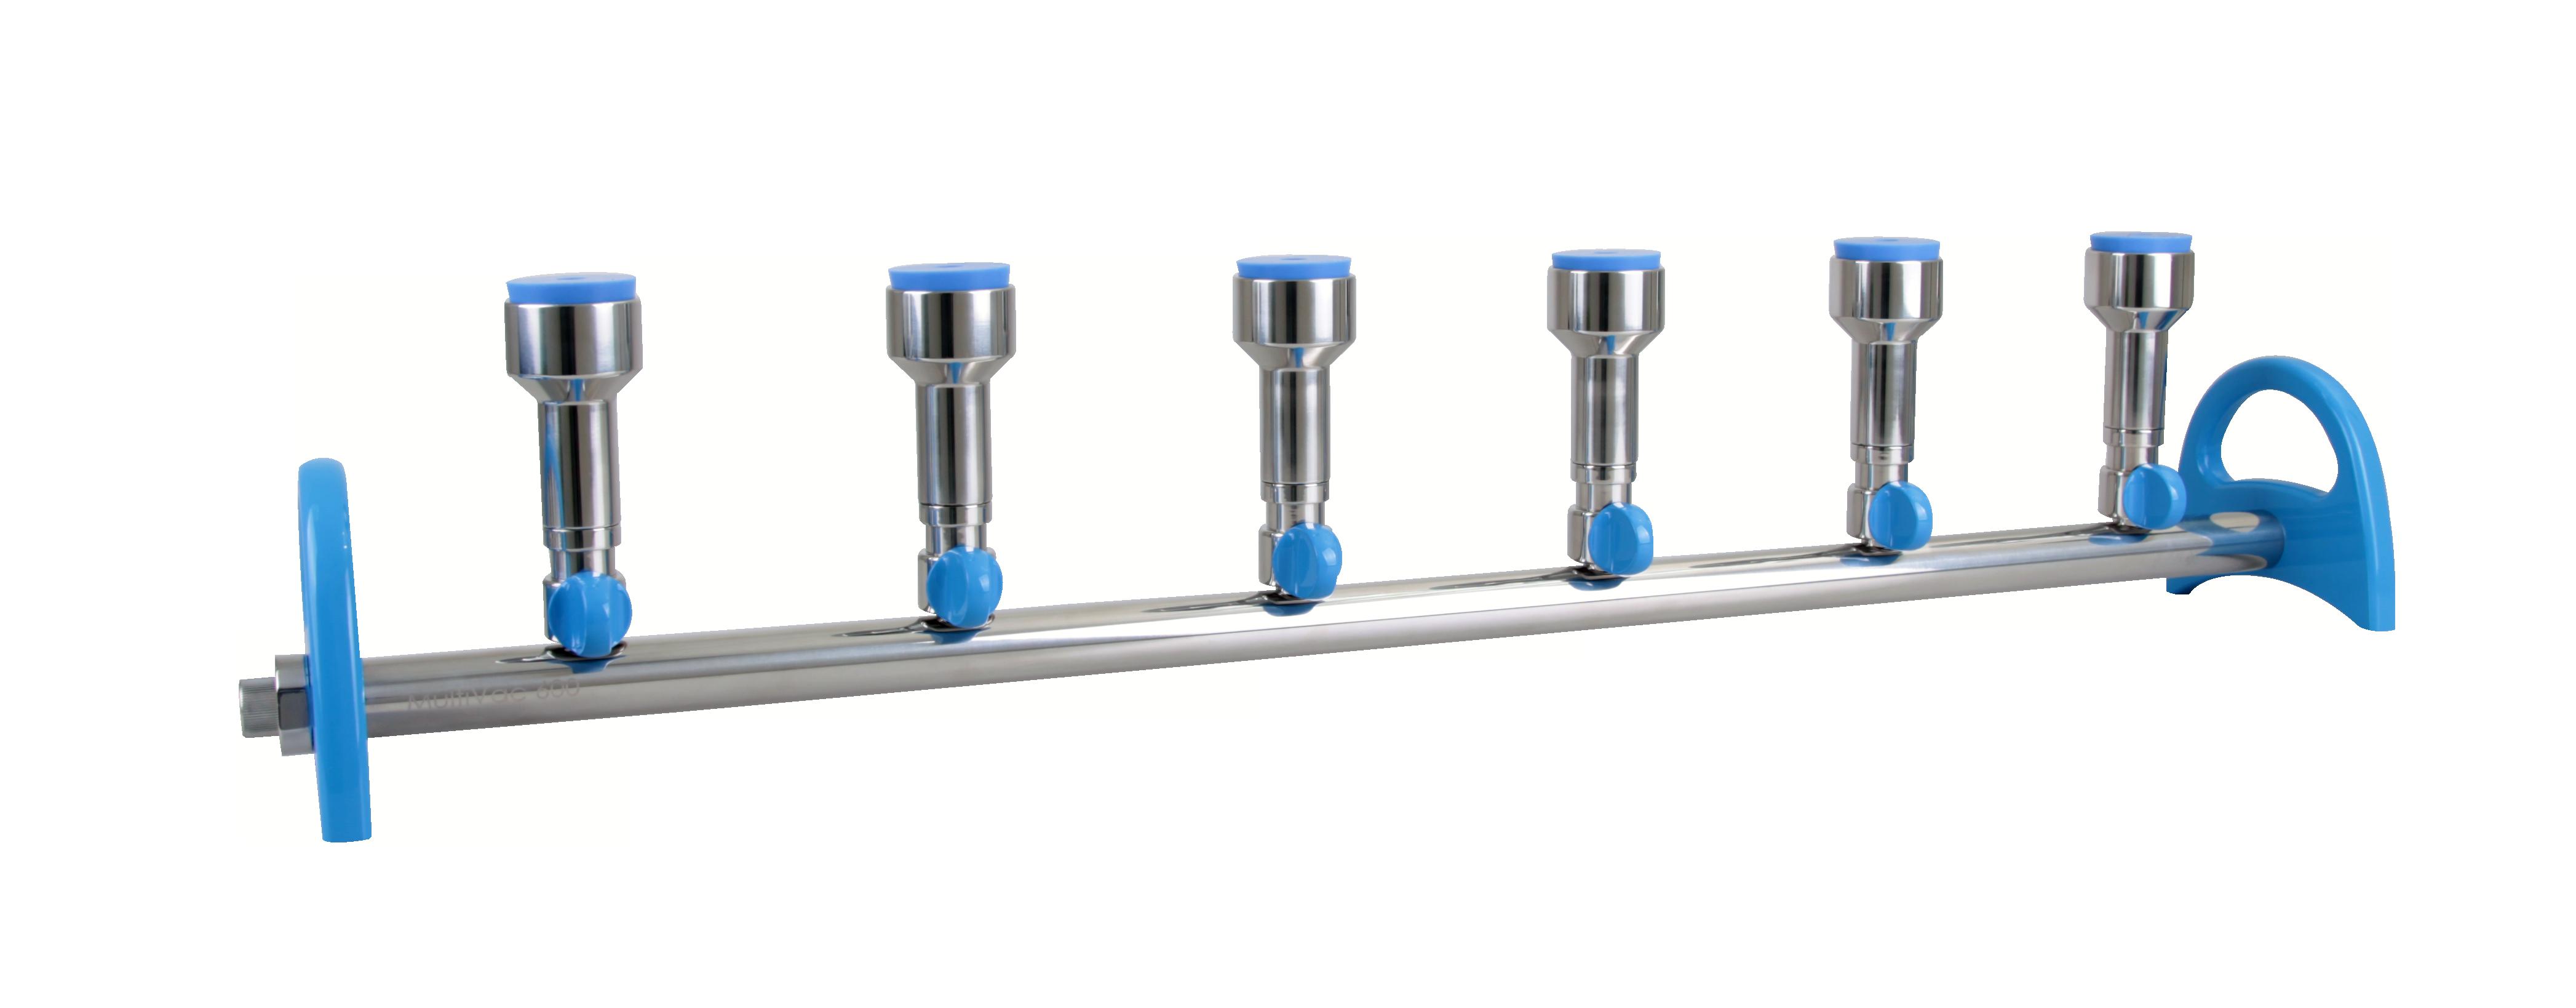 【洛科仪器】MultiVac 600-MS 硅胶塞式不锈钢多联过滤器